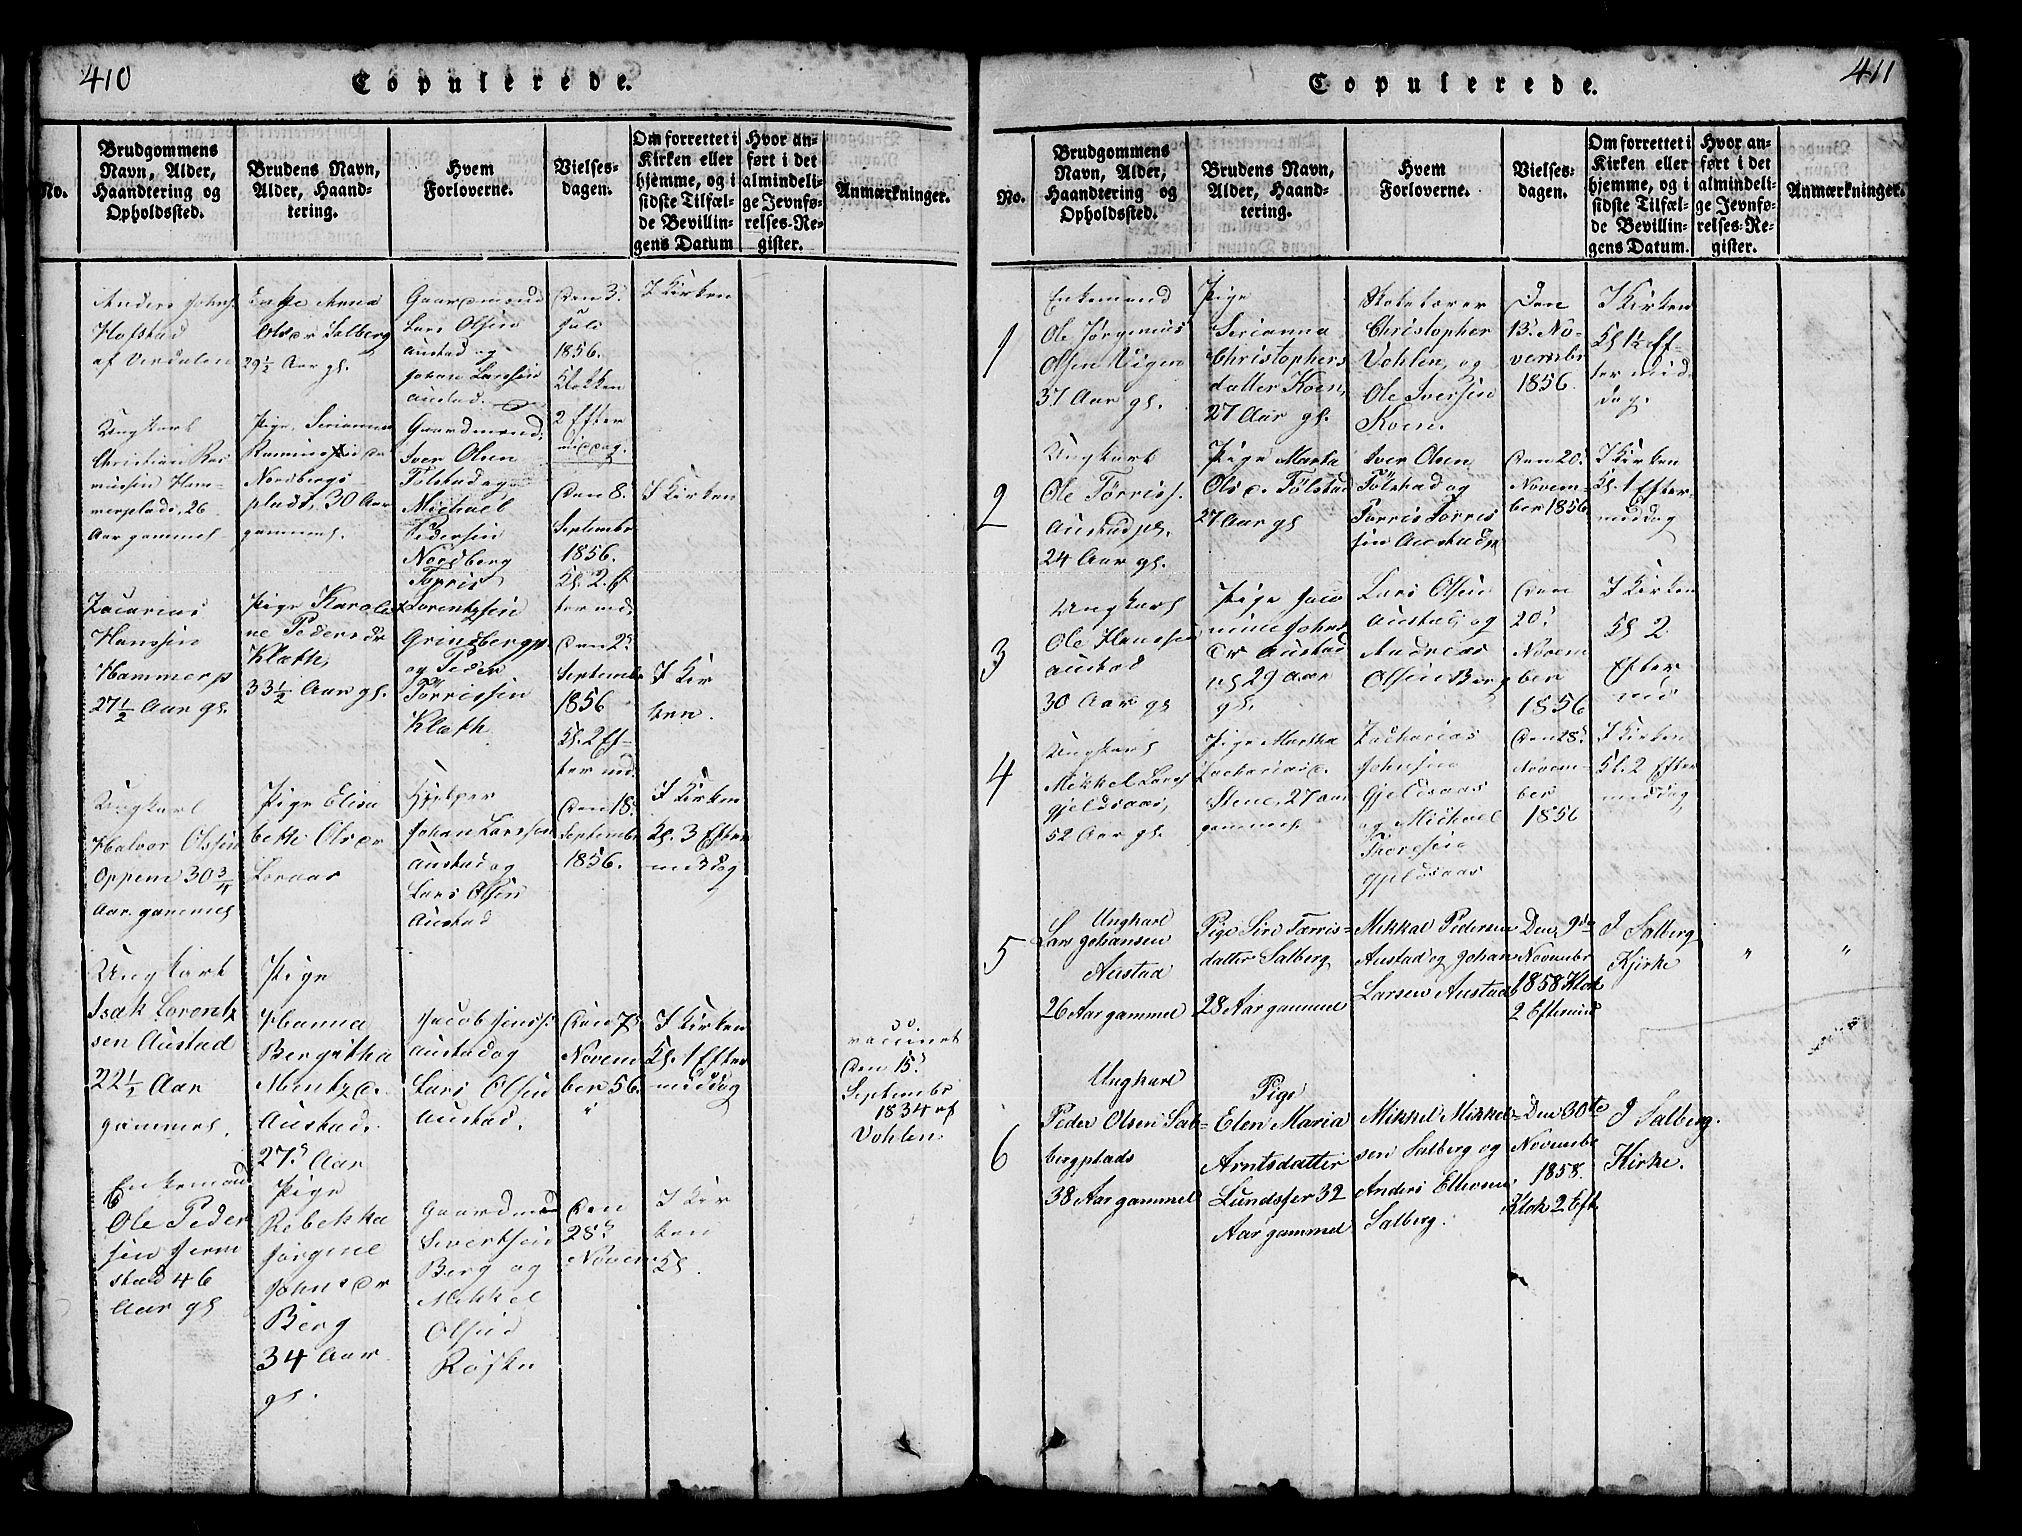 SAT, Ministerialprotokoller, klokkerbøker og fødselsregistre - Nord-Trøndelag, 731/L0310: Klokkerbok nr. 731C01, 1816-1874, s. 410-411